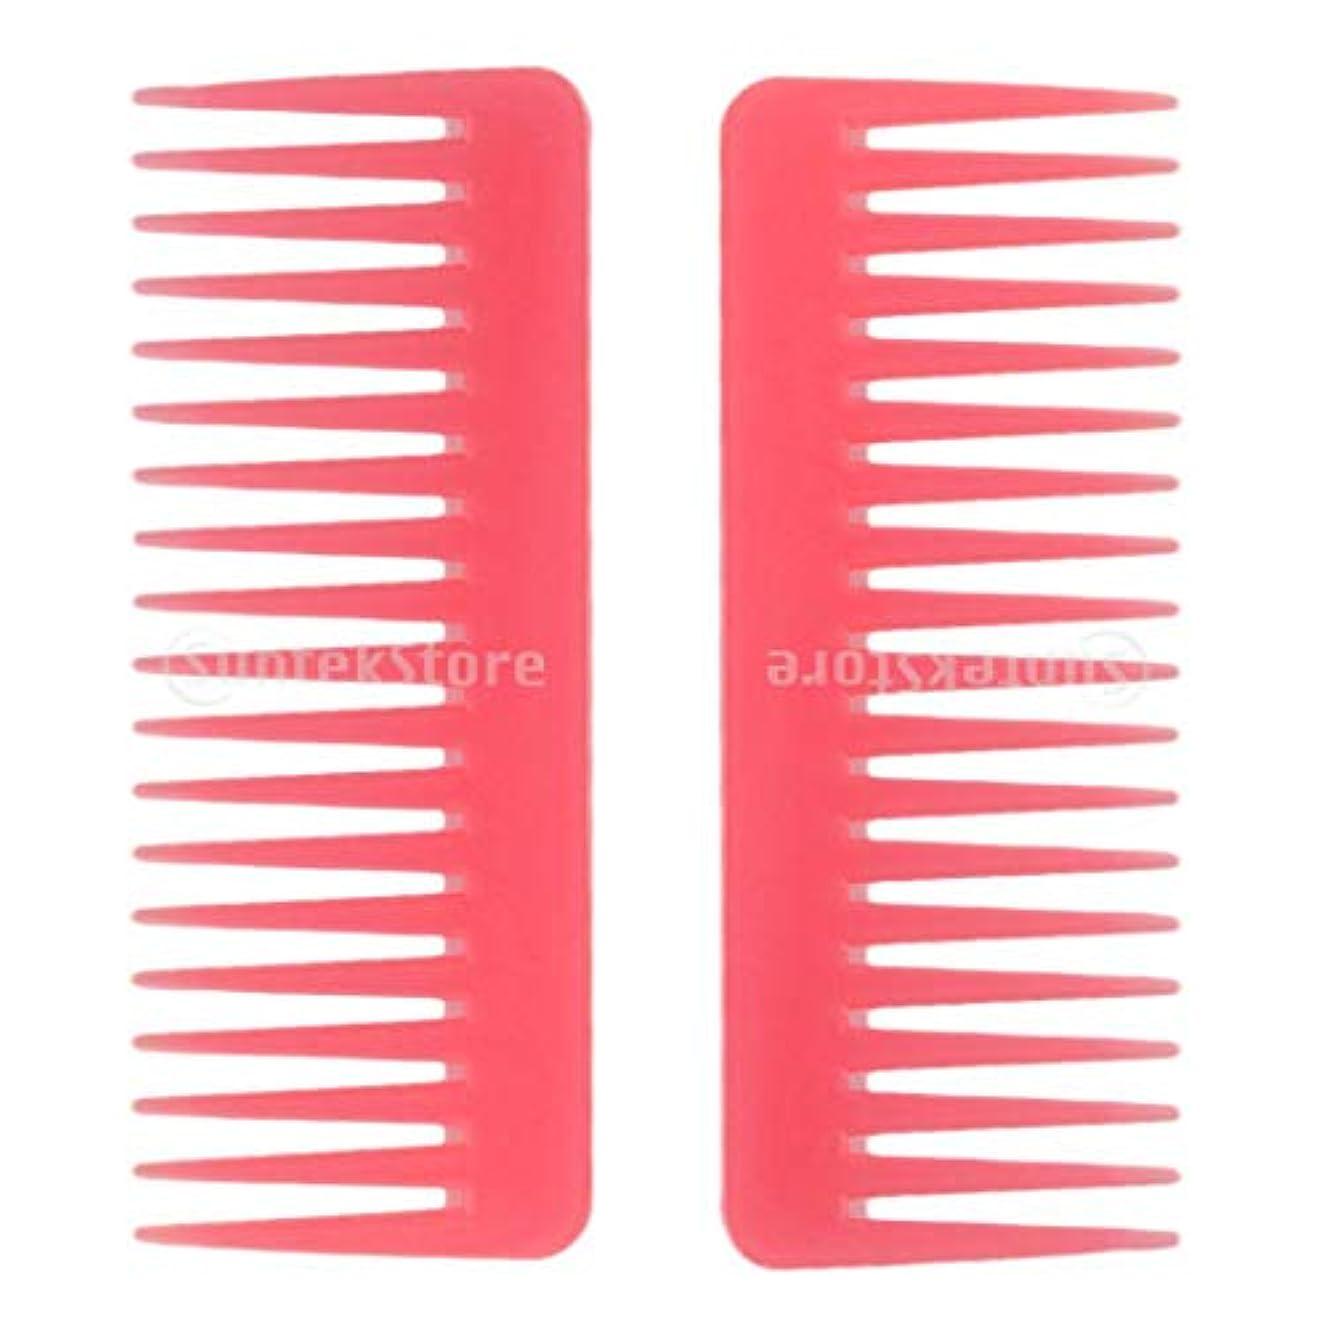 エスニック葡萄アラートヘアコーム 広い歯コーム 櫛 ヘアケア ヘアスタイリング用品 プラスチック 理髪店用品 2個入り